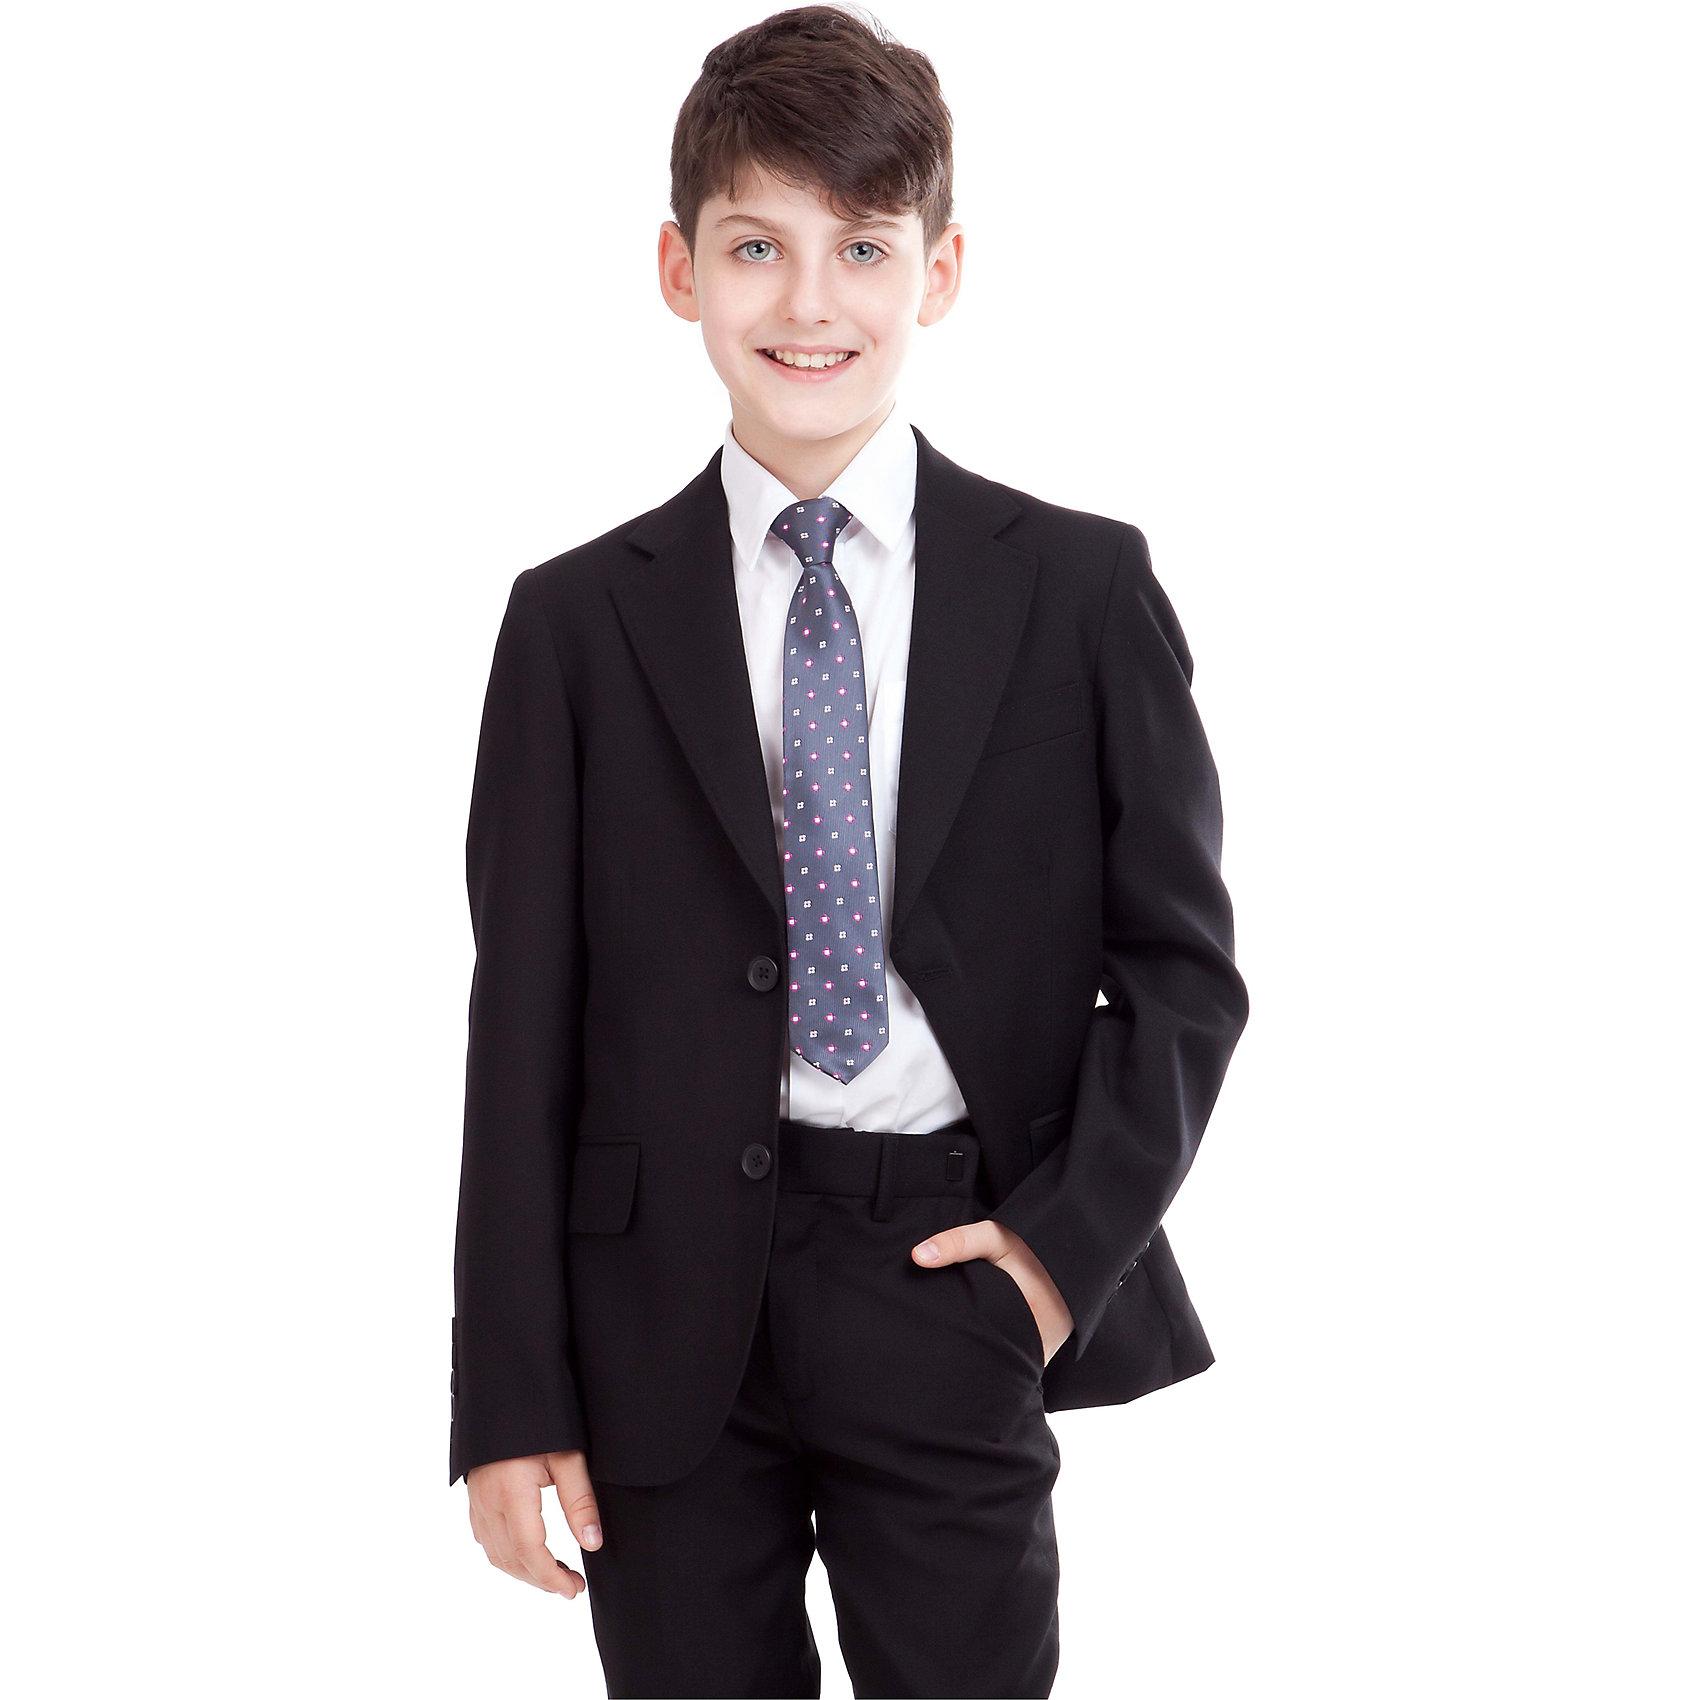 Пиджак для мальчика GulliverПиджак для мальчика от российского бренда Gulliver.<br>Замечательный черный пиджак  выполняет функцию главного делового атрибута школьника. Он уместен для ежедневного использования и незаменим для торжественных мероприятий. Великолепный состав и качество ткани сделает длительное пребывание в пиджаке приятным и комфортным. Весьма изящно выглядит орнаментальная подкладка пиджака.<br>Состав:<br>тк. верха: 65% полиэстер,  25% вискоза, 10% шерсть подкл.: 100% полиэстер<br><br>Ширина мм: 356<br>Глубина мм: 10<br>Высота мм: 245<br>Вес г: 519<br>Цвет: черный<br>Возраст от месяцев: 96<br>Возраст до месяцев: 108<br>Пол: Мужской<br>Возраст: Детский<br>Размер: 128,140,146,152,158,122,134<br>SKU: 4174616